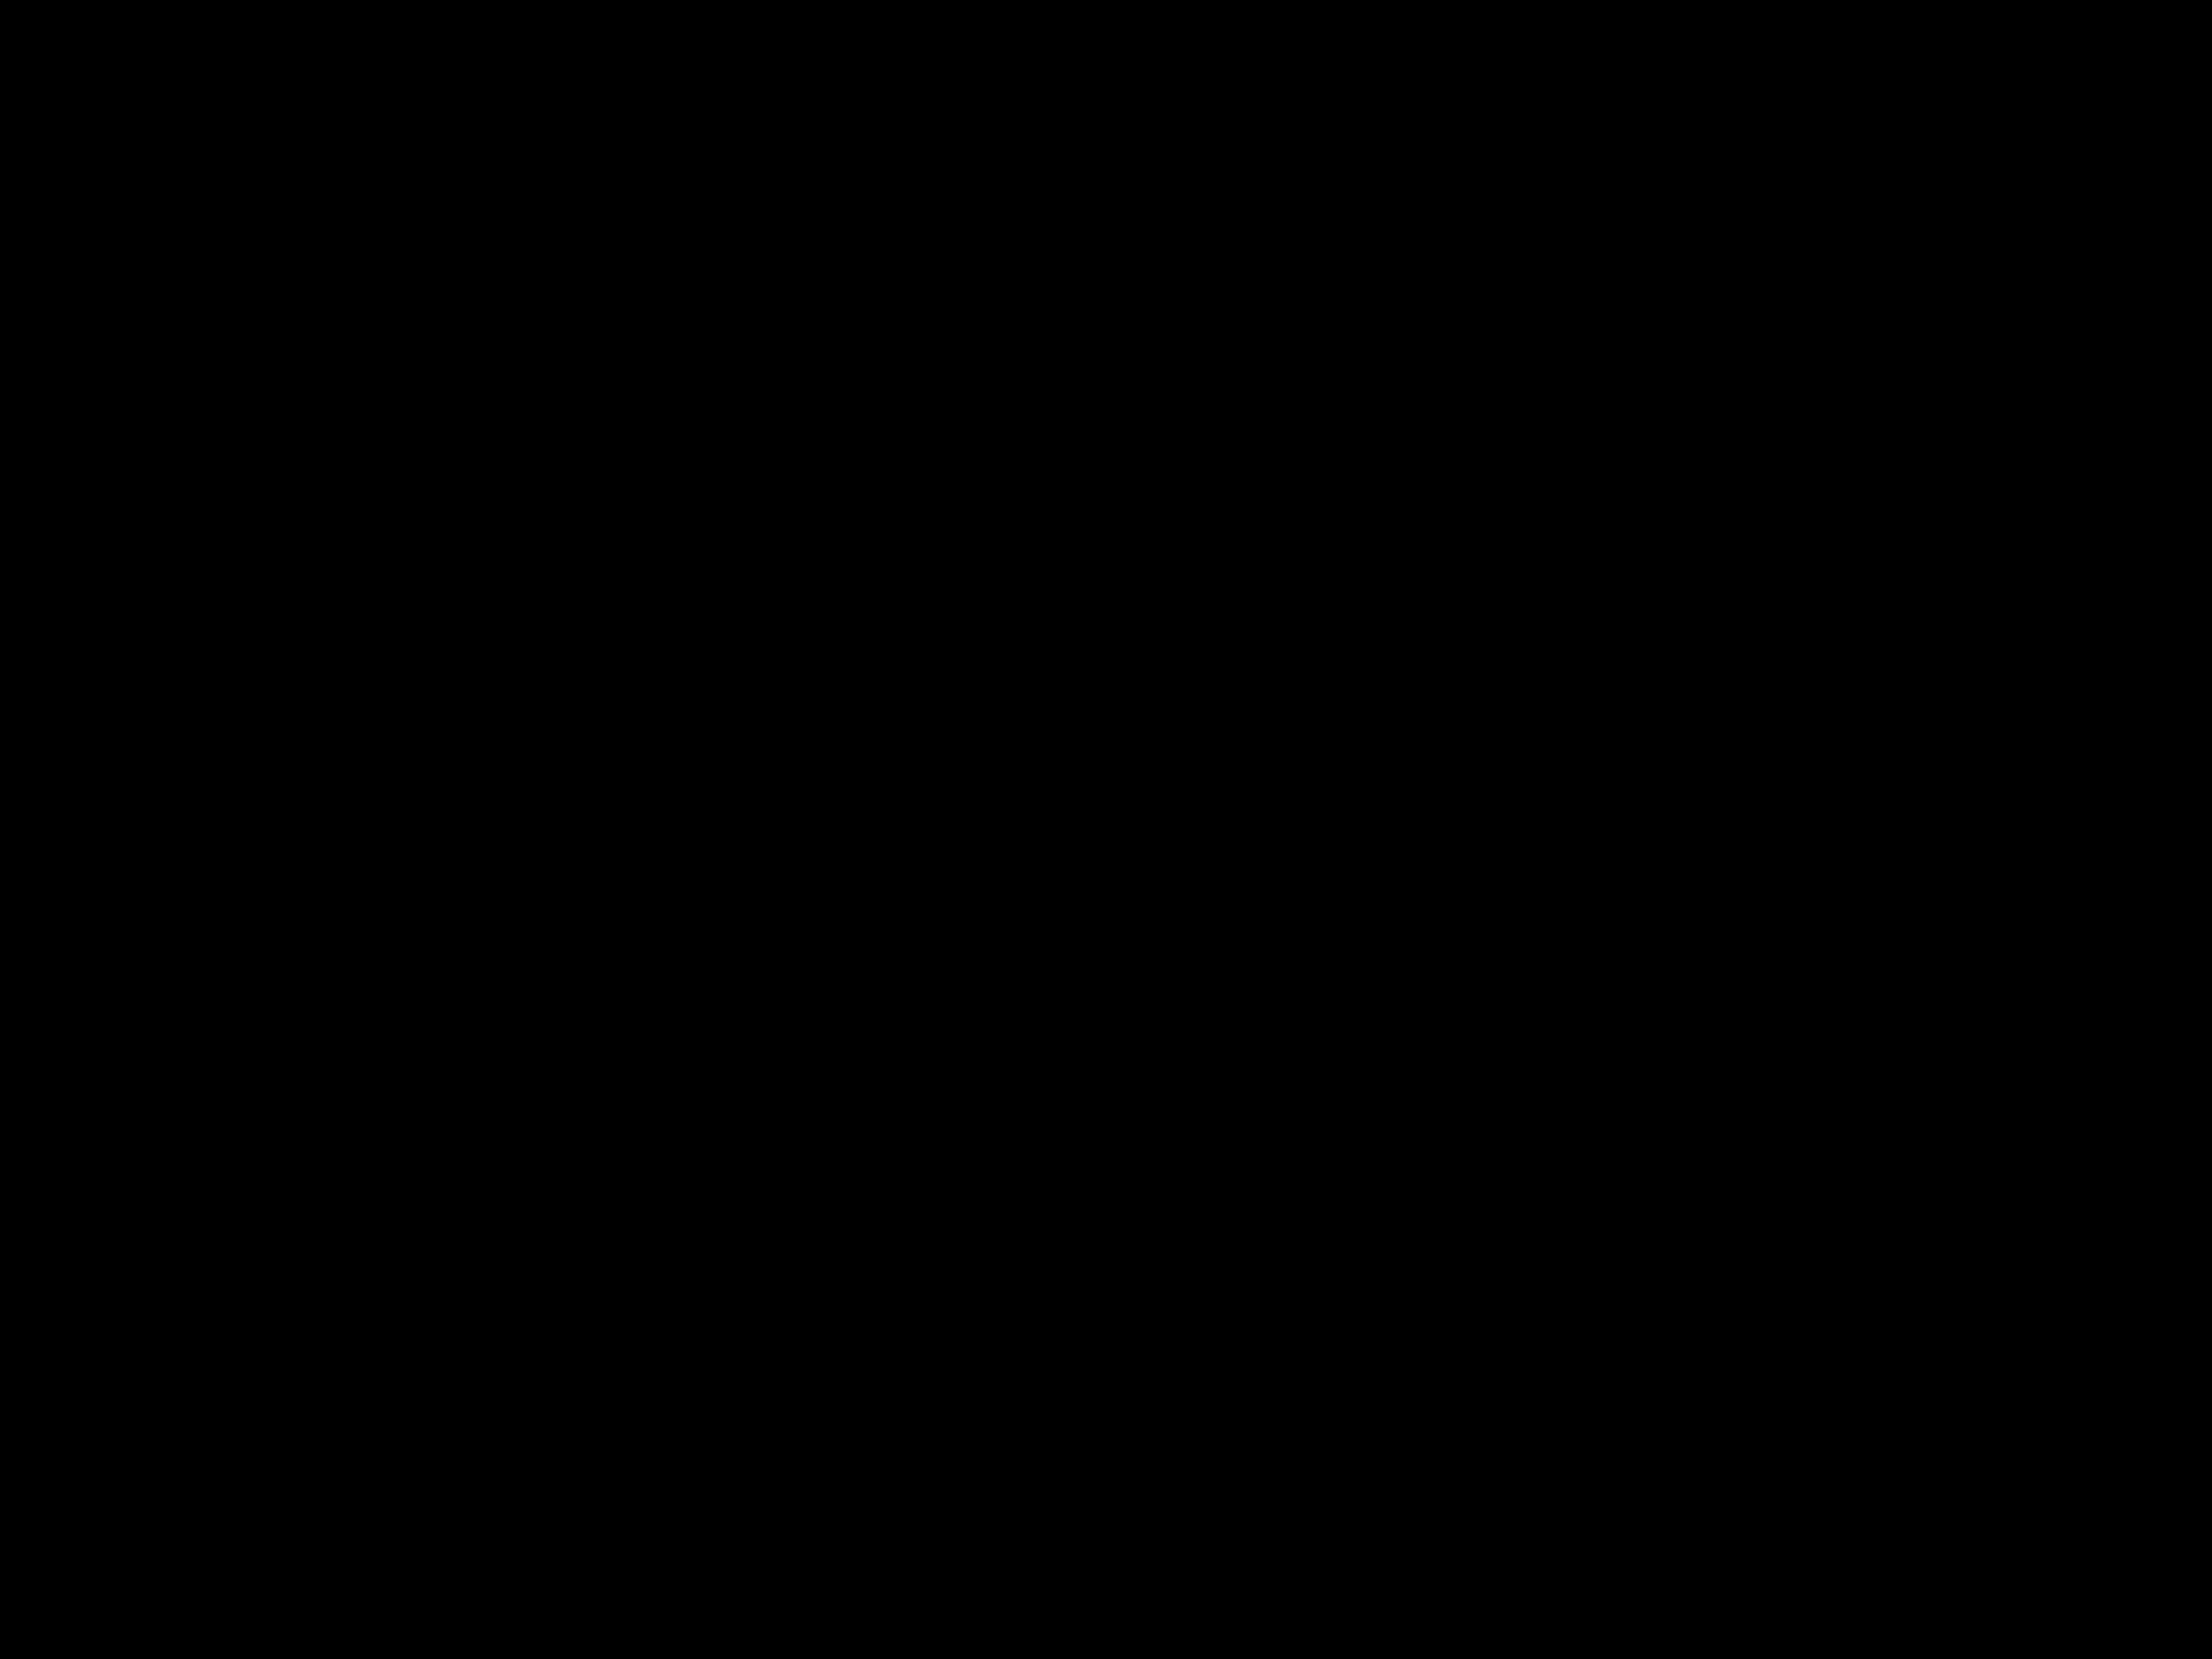 Sky Secure